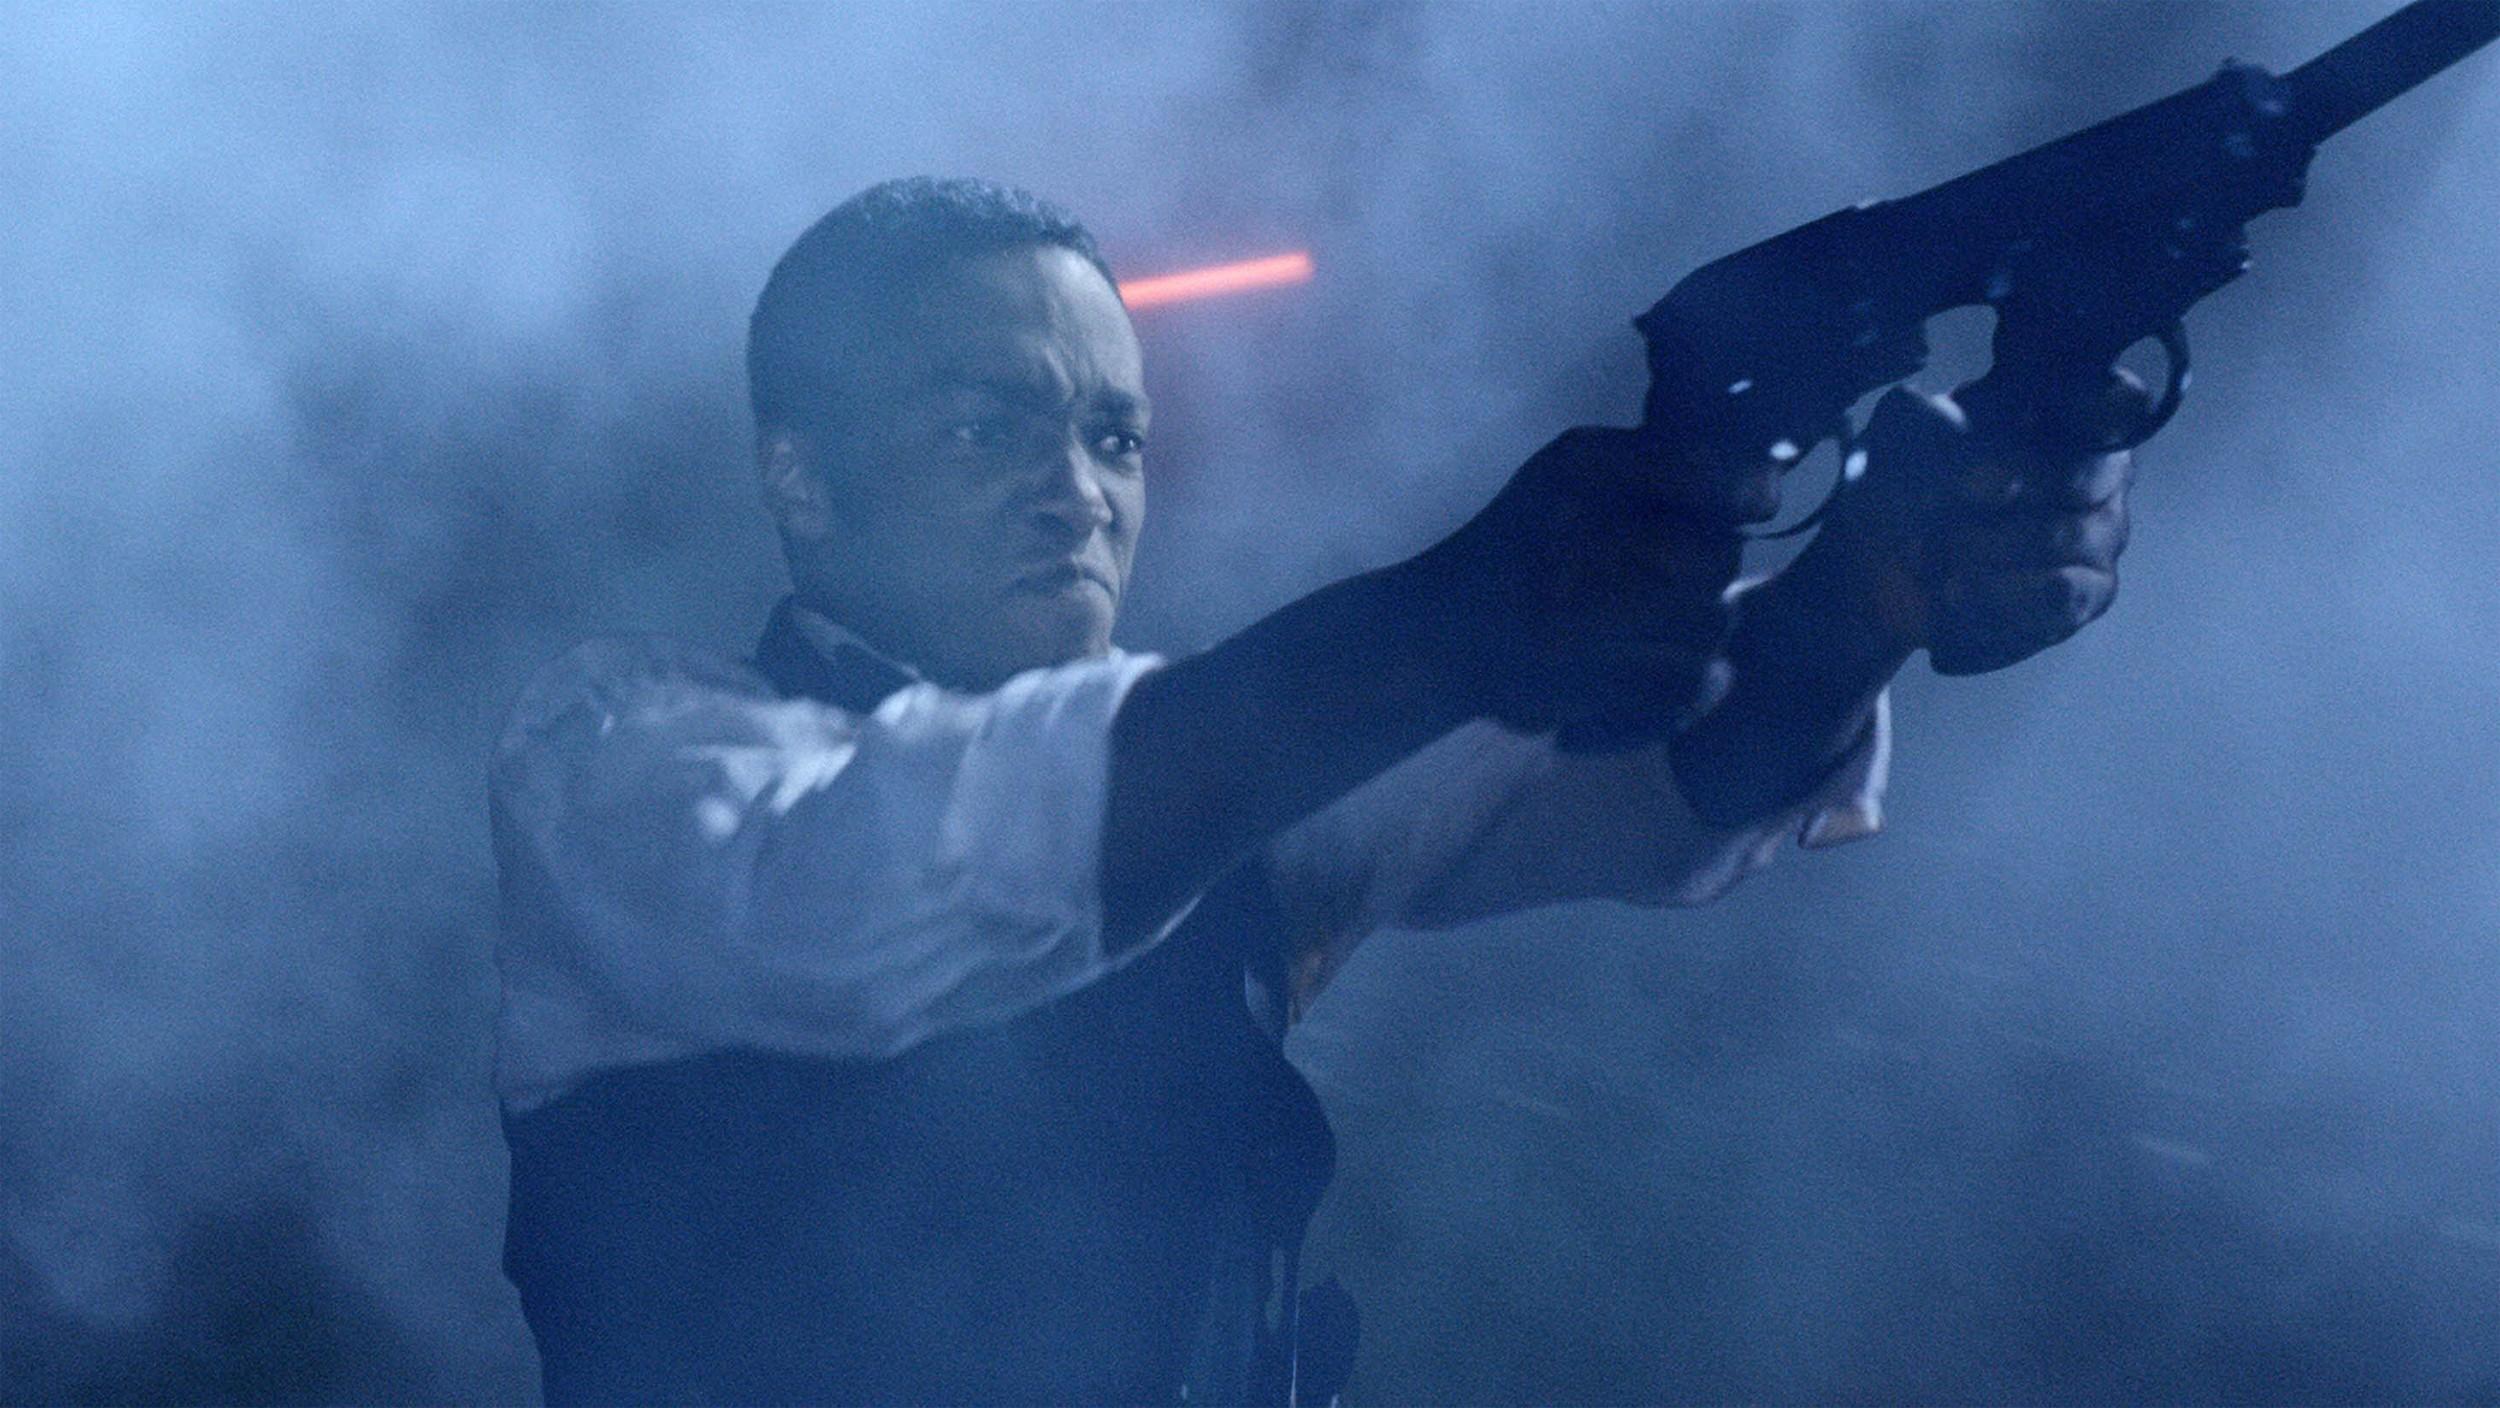 кадры из фильма Президент Линкольн: Охотник на вампиров Энтони Мэкки,